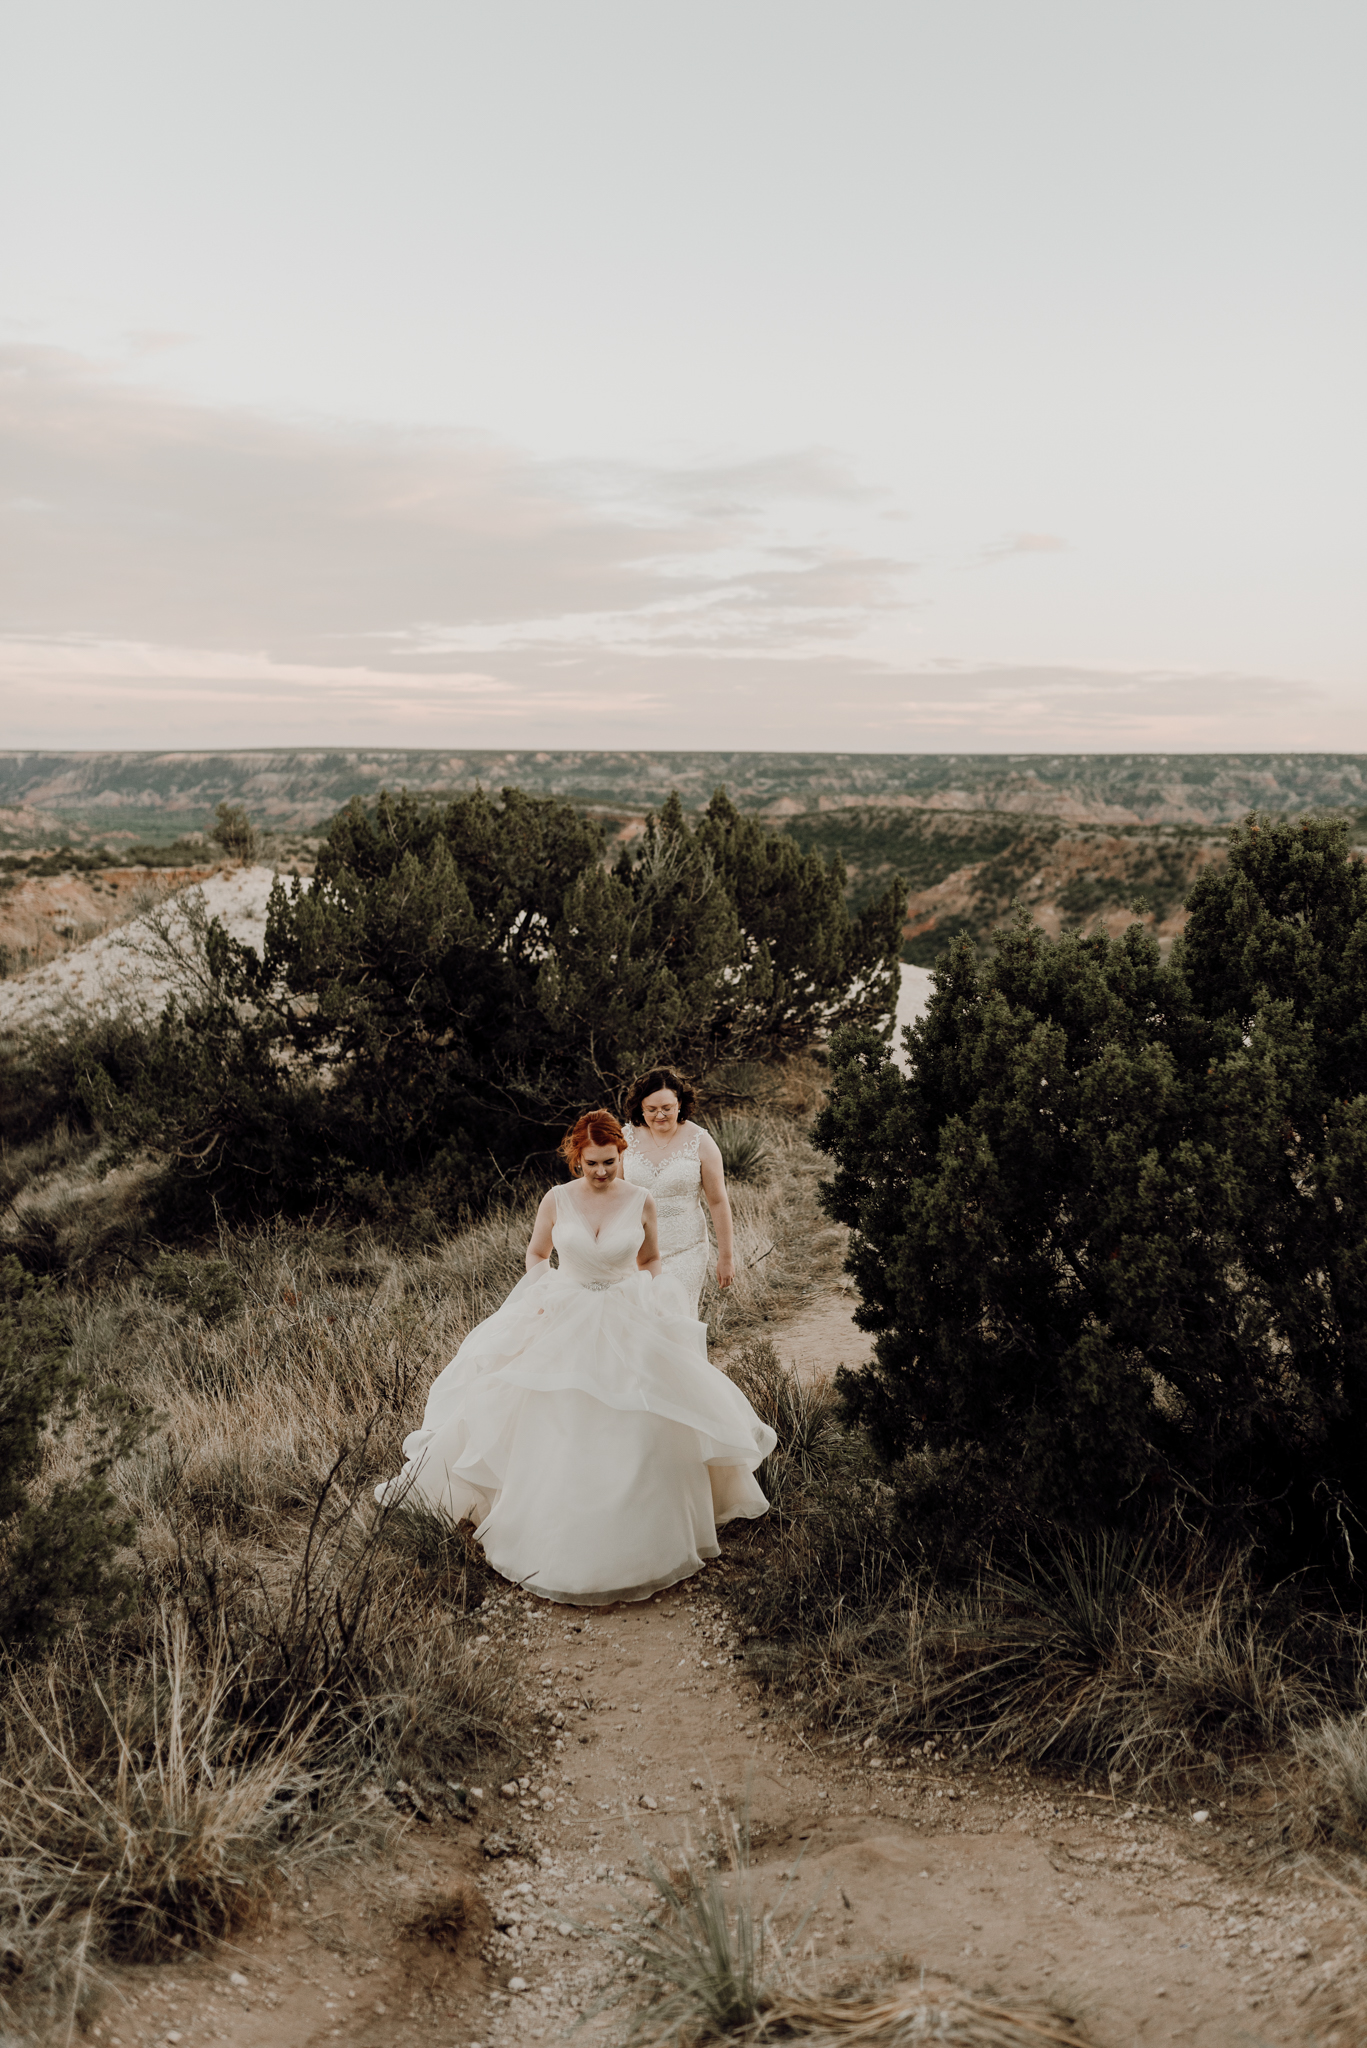 Texas Wedding Photographer-Palo Duro Canyon Sam Sex Wedding- Houston Wedding Photographer -Kristen Giles Photography-39.jpg